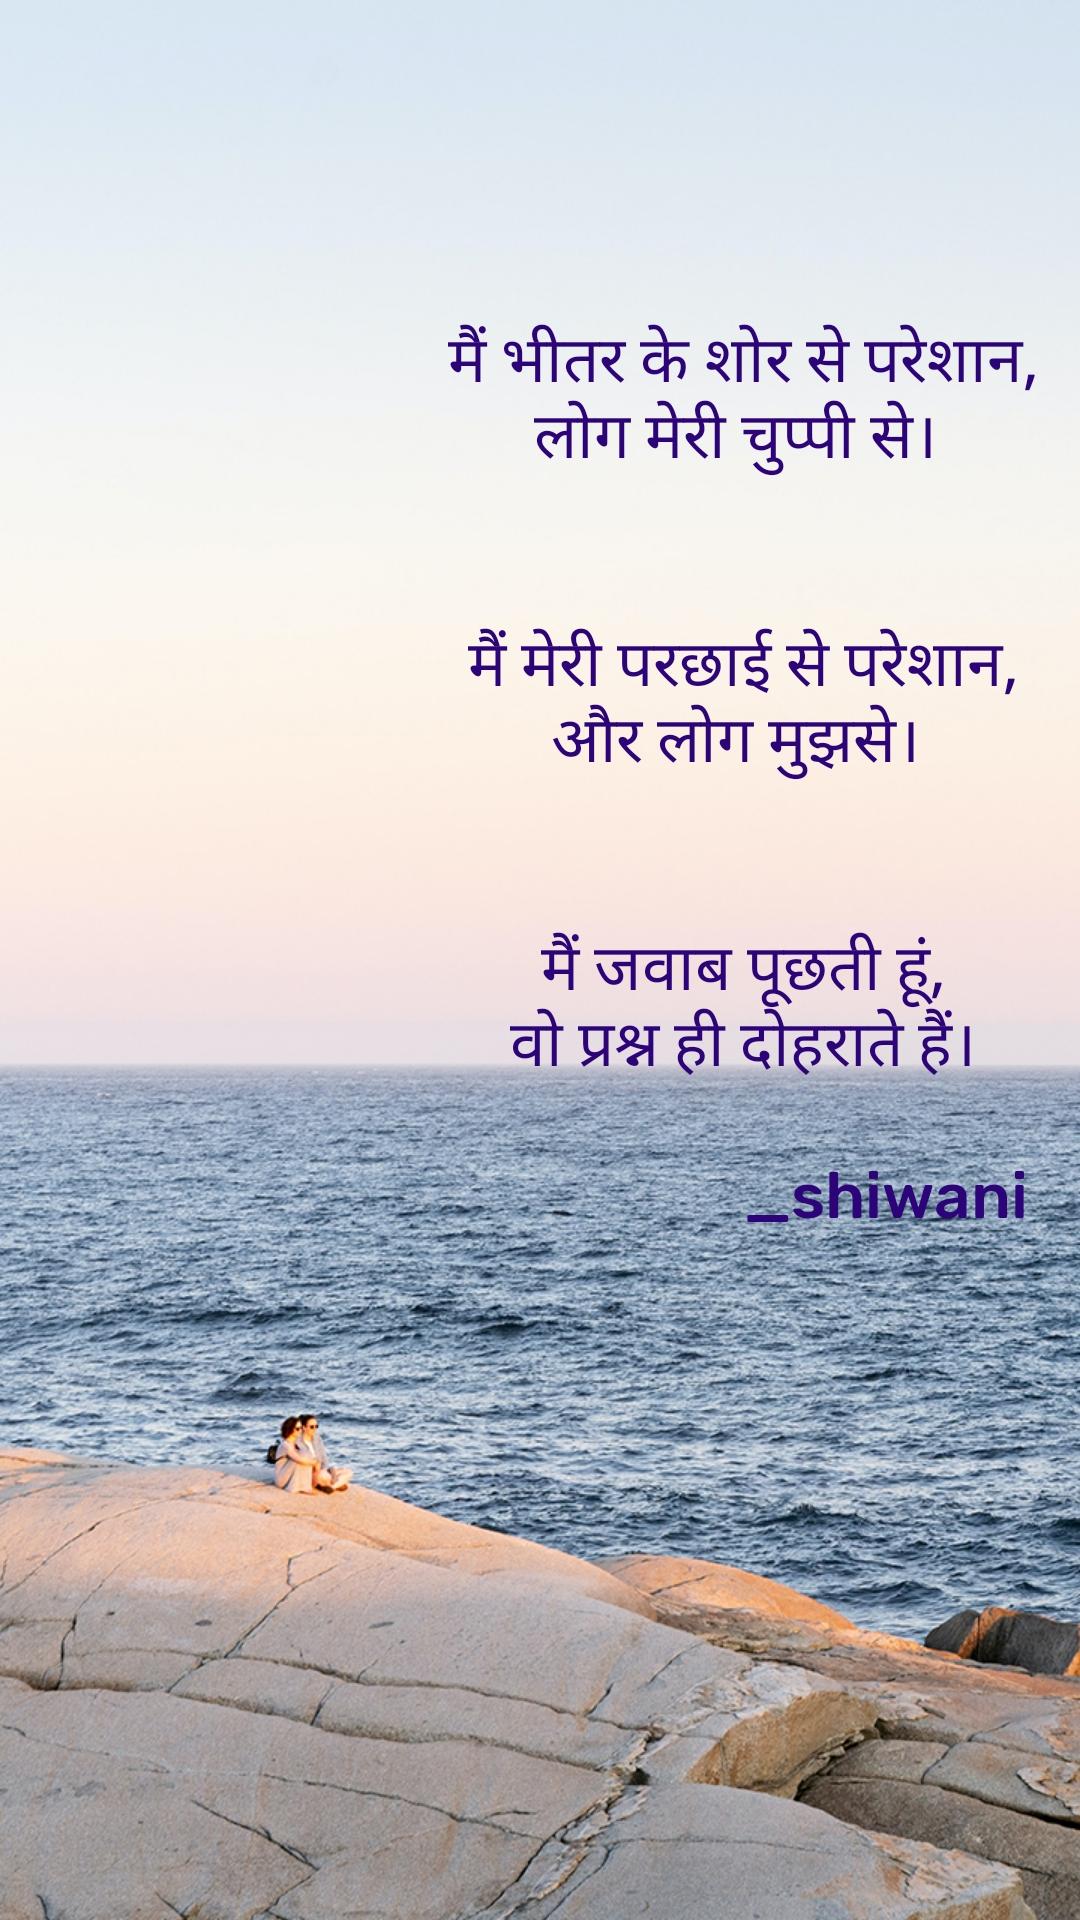 मैं भीतर के शोर से परेशान, लोग मेरी चुप्पी से।    मैं मेरी परछाई से परेशान,  और लोग मुझसे।     मैं जवाब पूछती हूं, वो प्रश्न ही दोहराते हैं।                     _shiwani